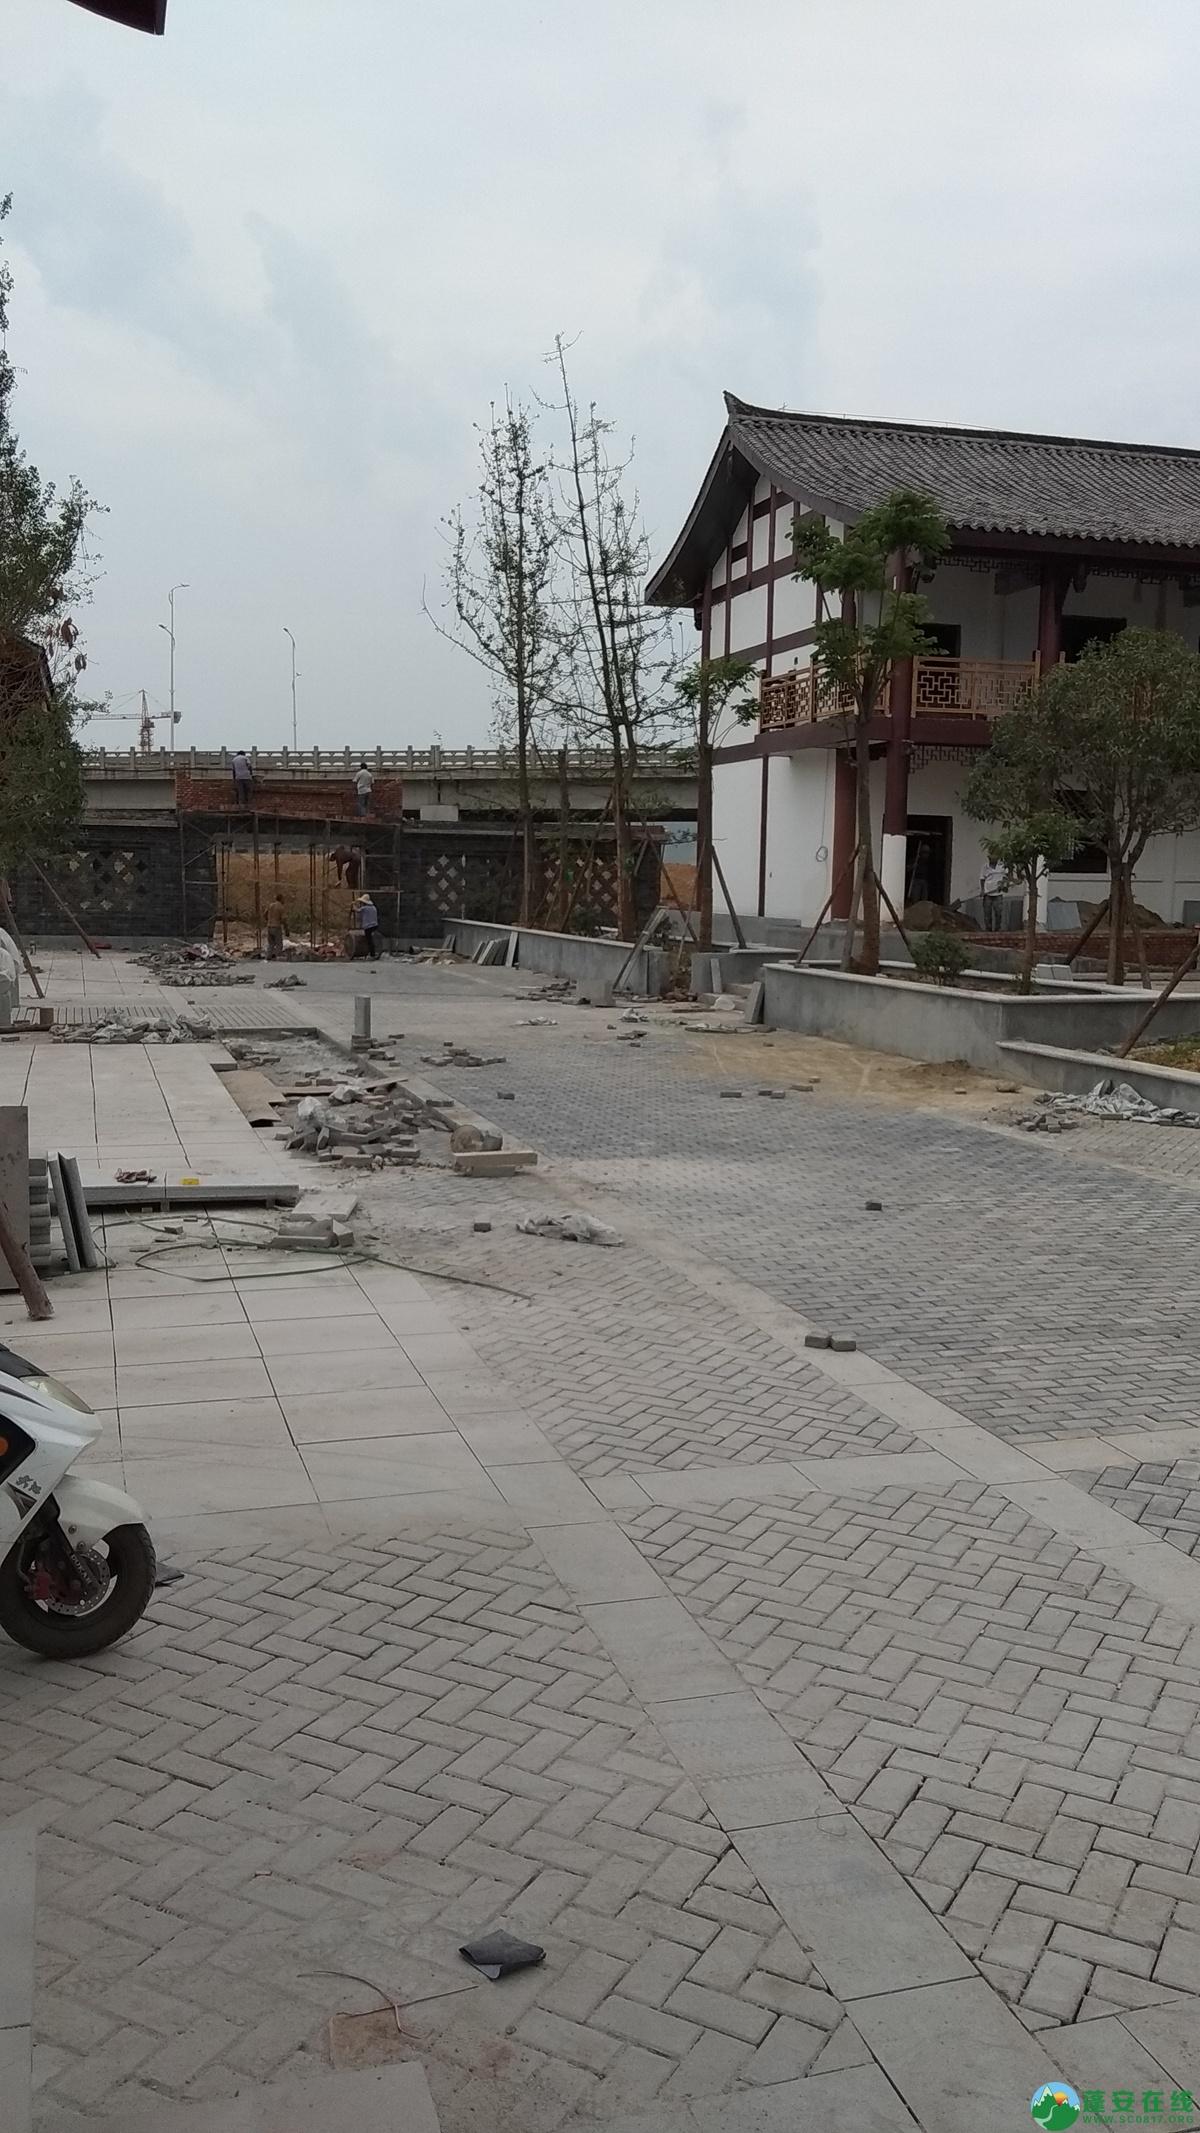 蓬安相如旅游接待中心建设进展(2018.6.3) - 第40张  | 蓬安在线